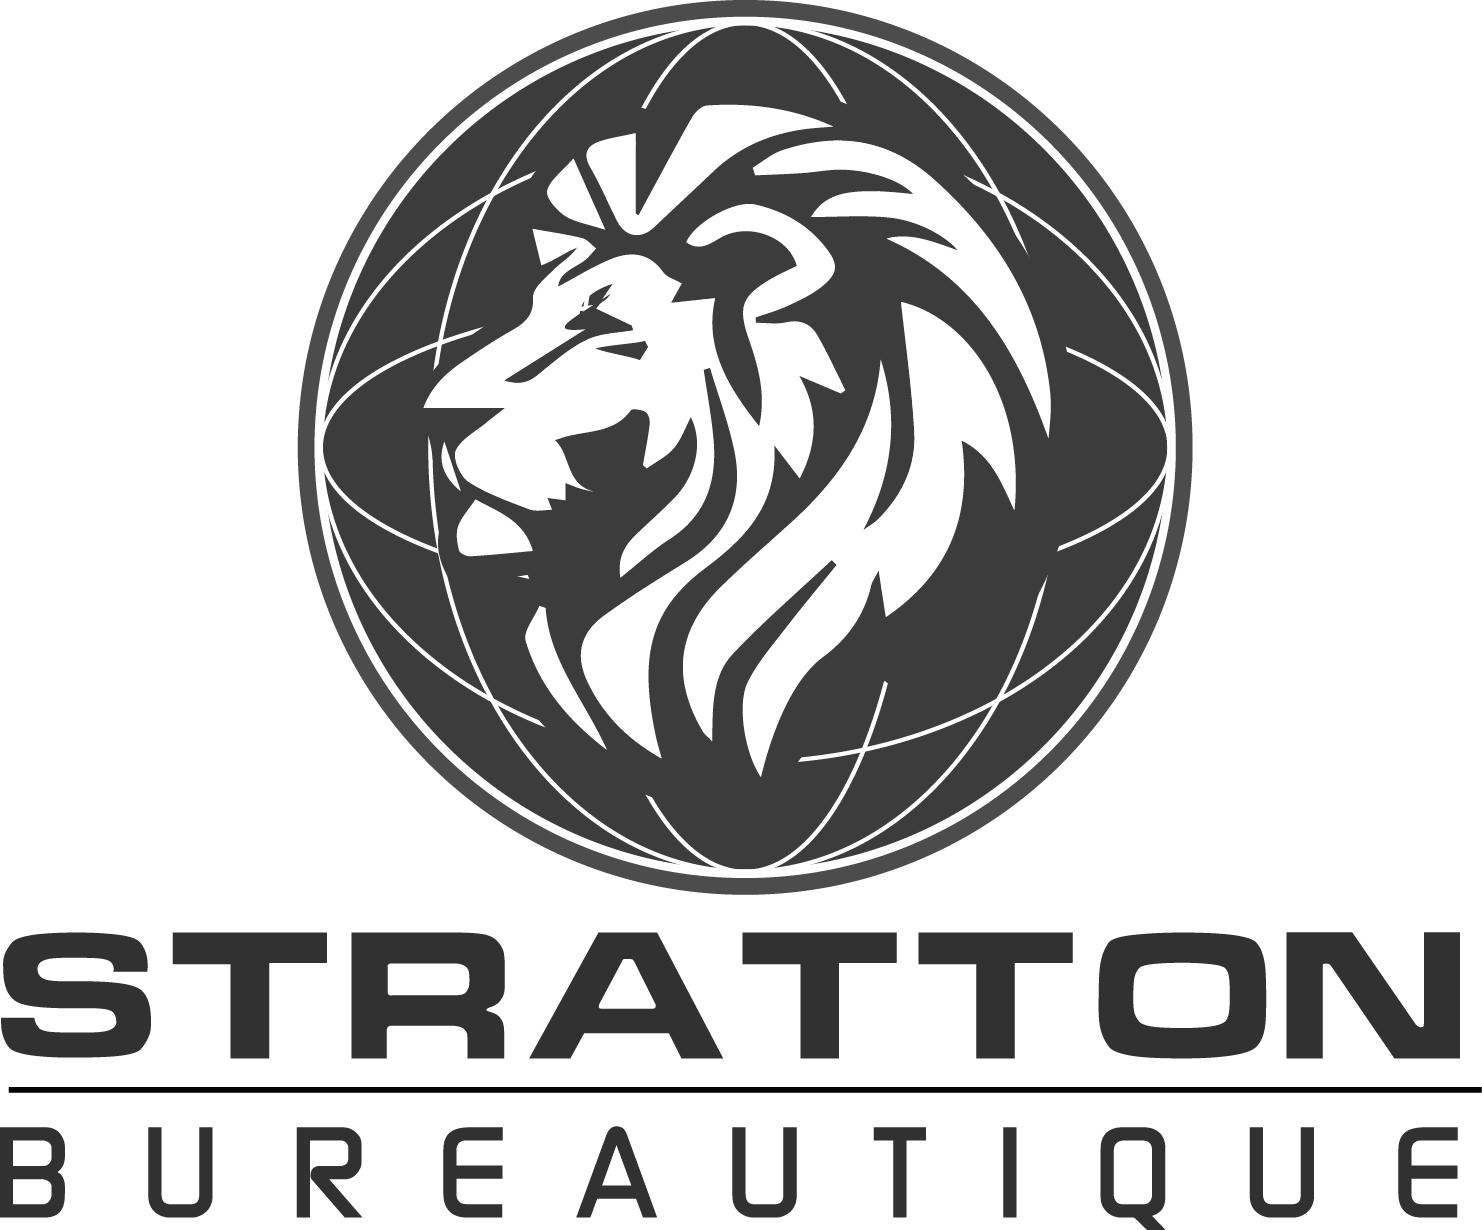 STRATTON BUREAUTIQUE